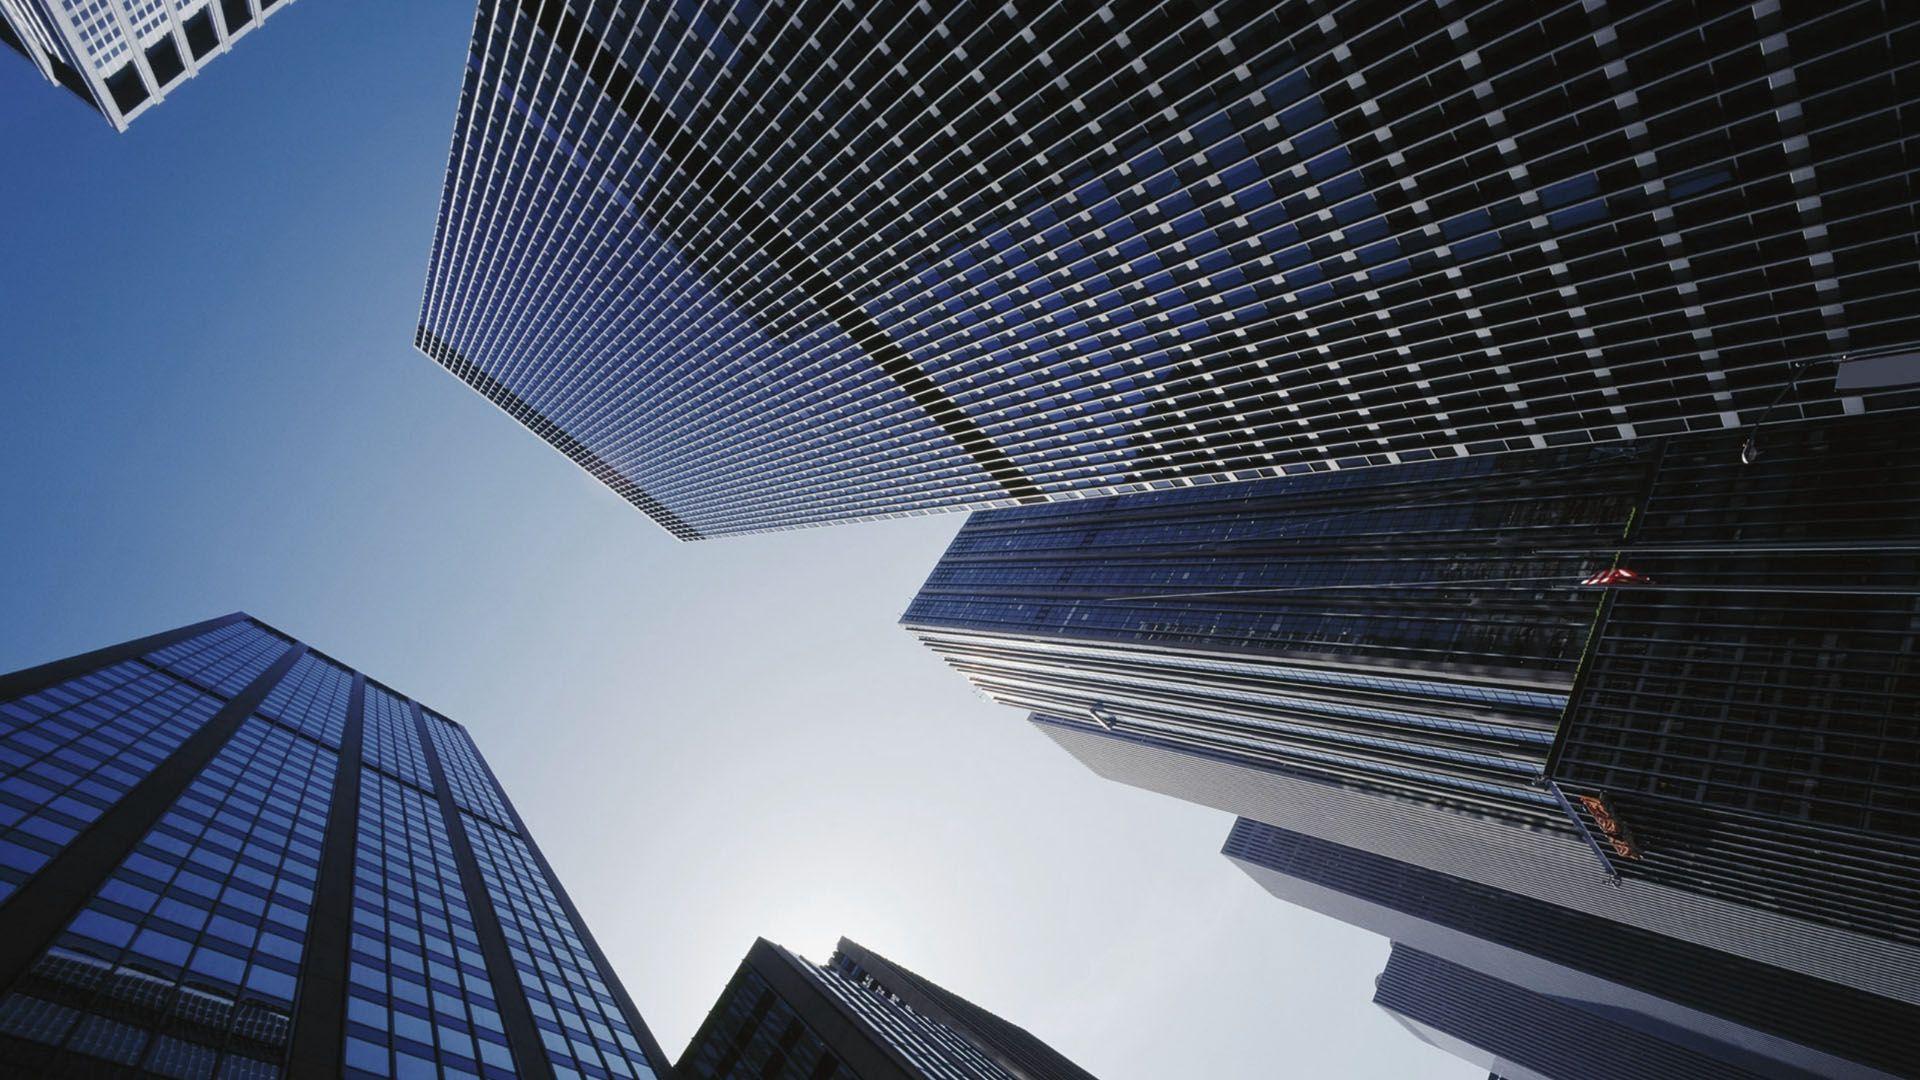 Architecture hd image